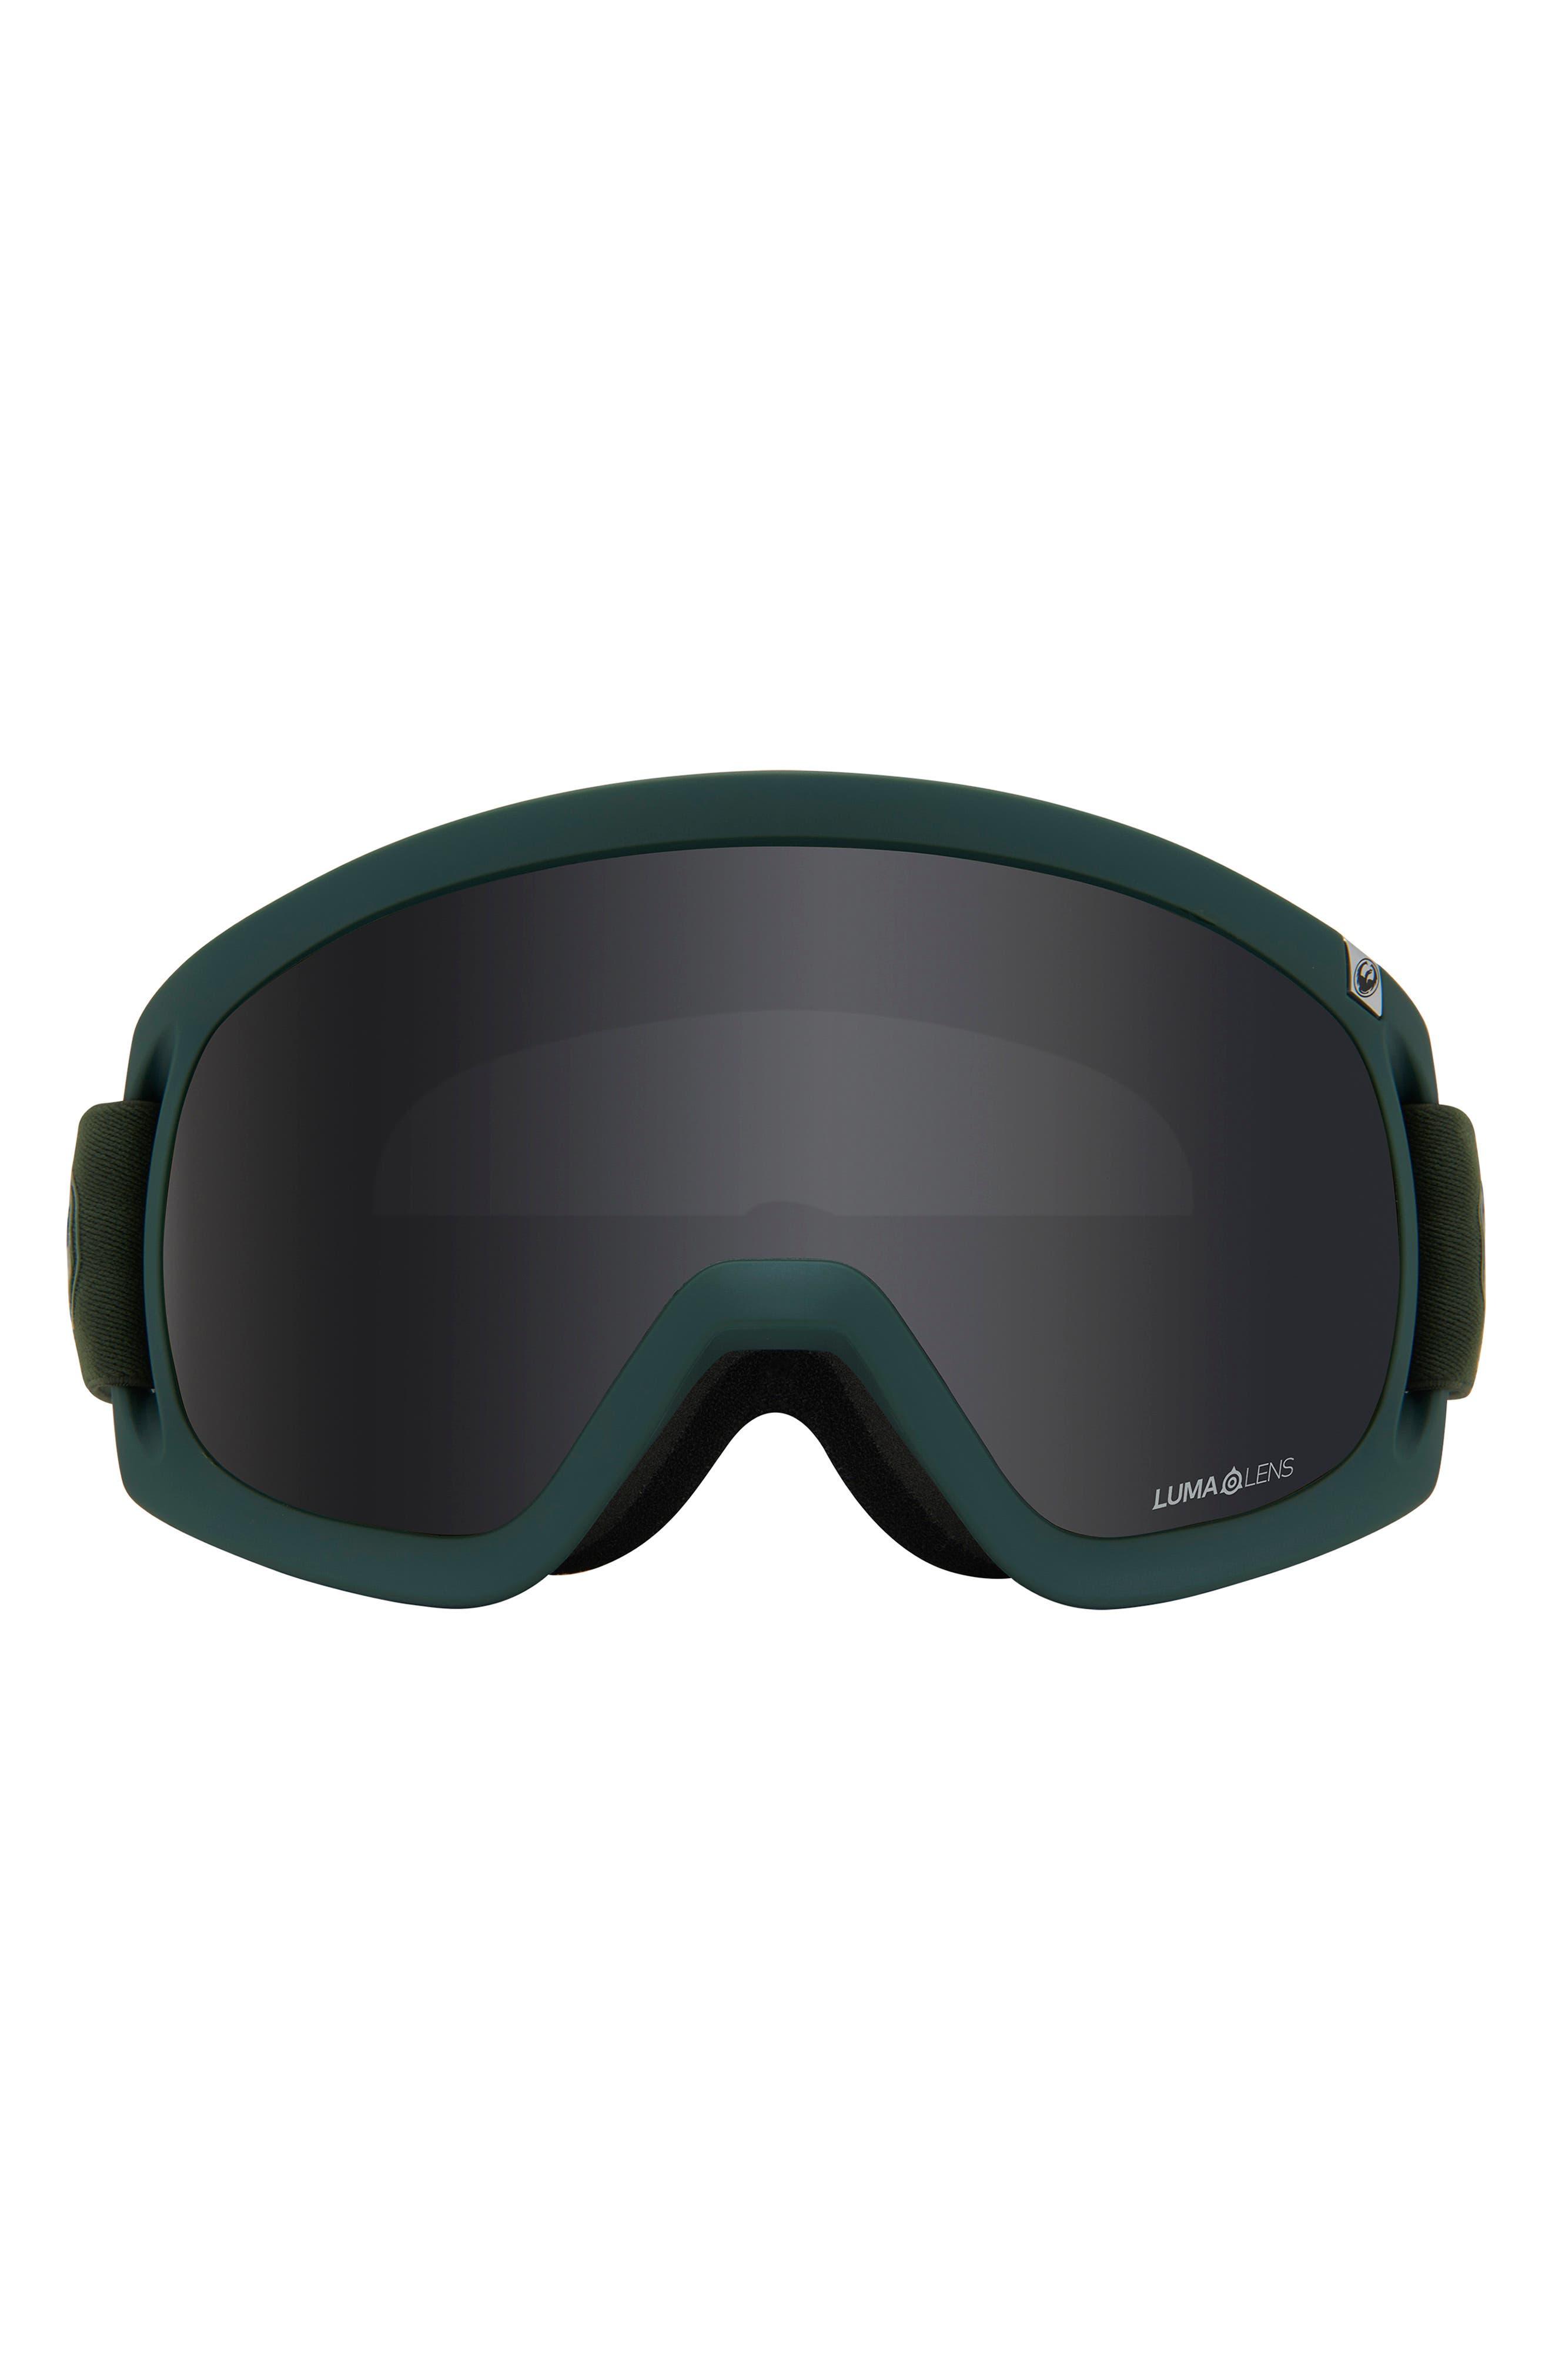 D3 Otg 50mm Snow Goggles